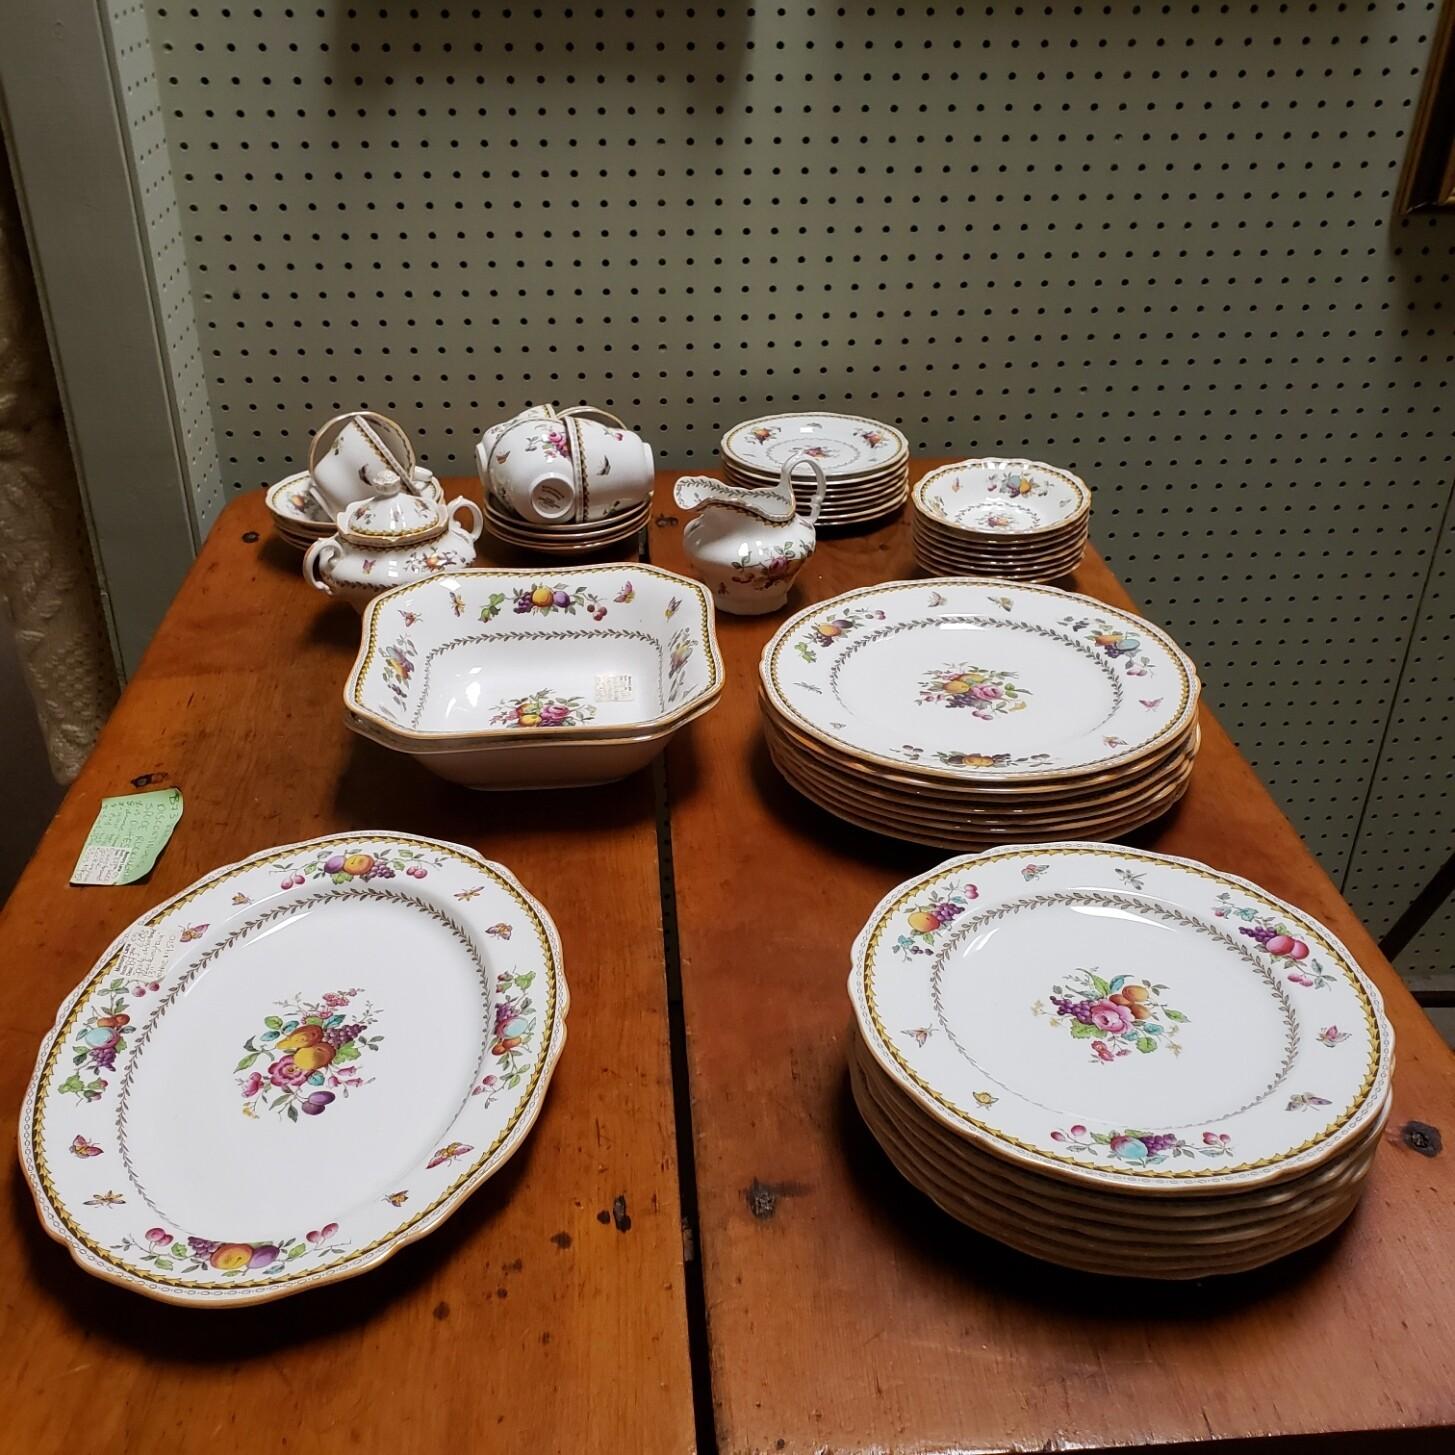 Rare Discontinued Spode Rockingham dishes 53 piece set